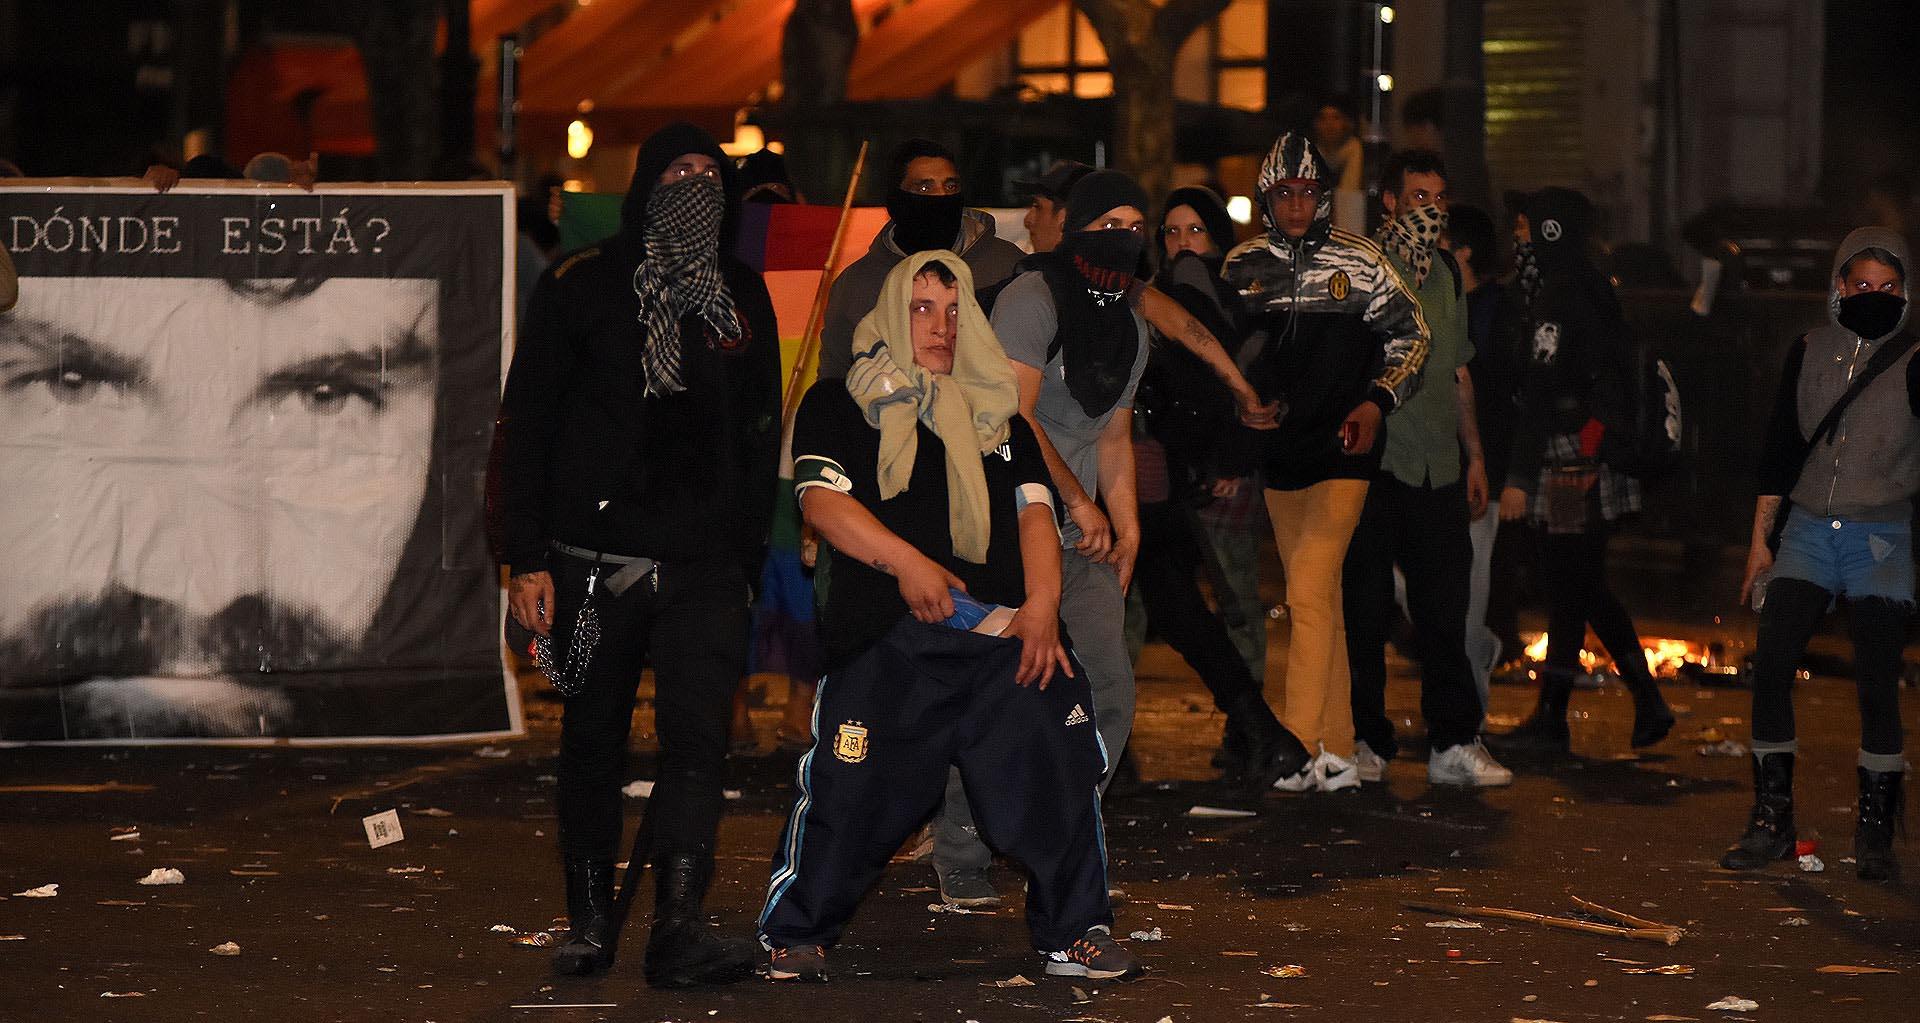 Numerosos manifestantes encapuchados se enfrentaron con la policía